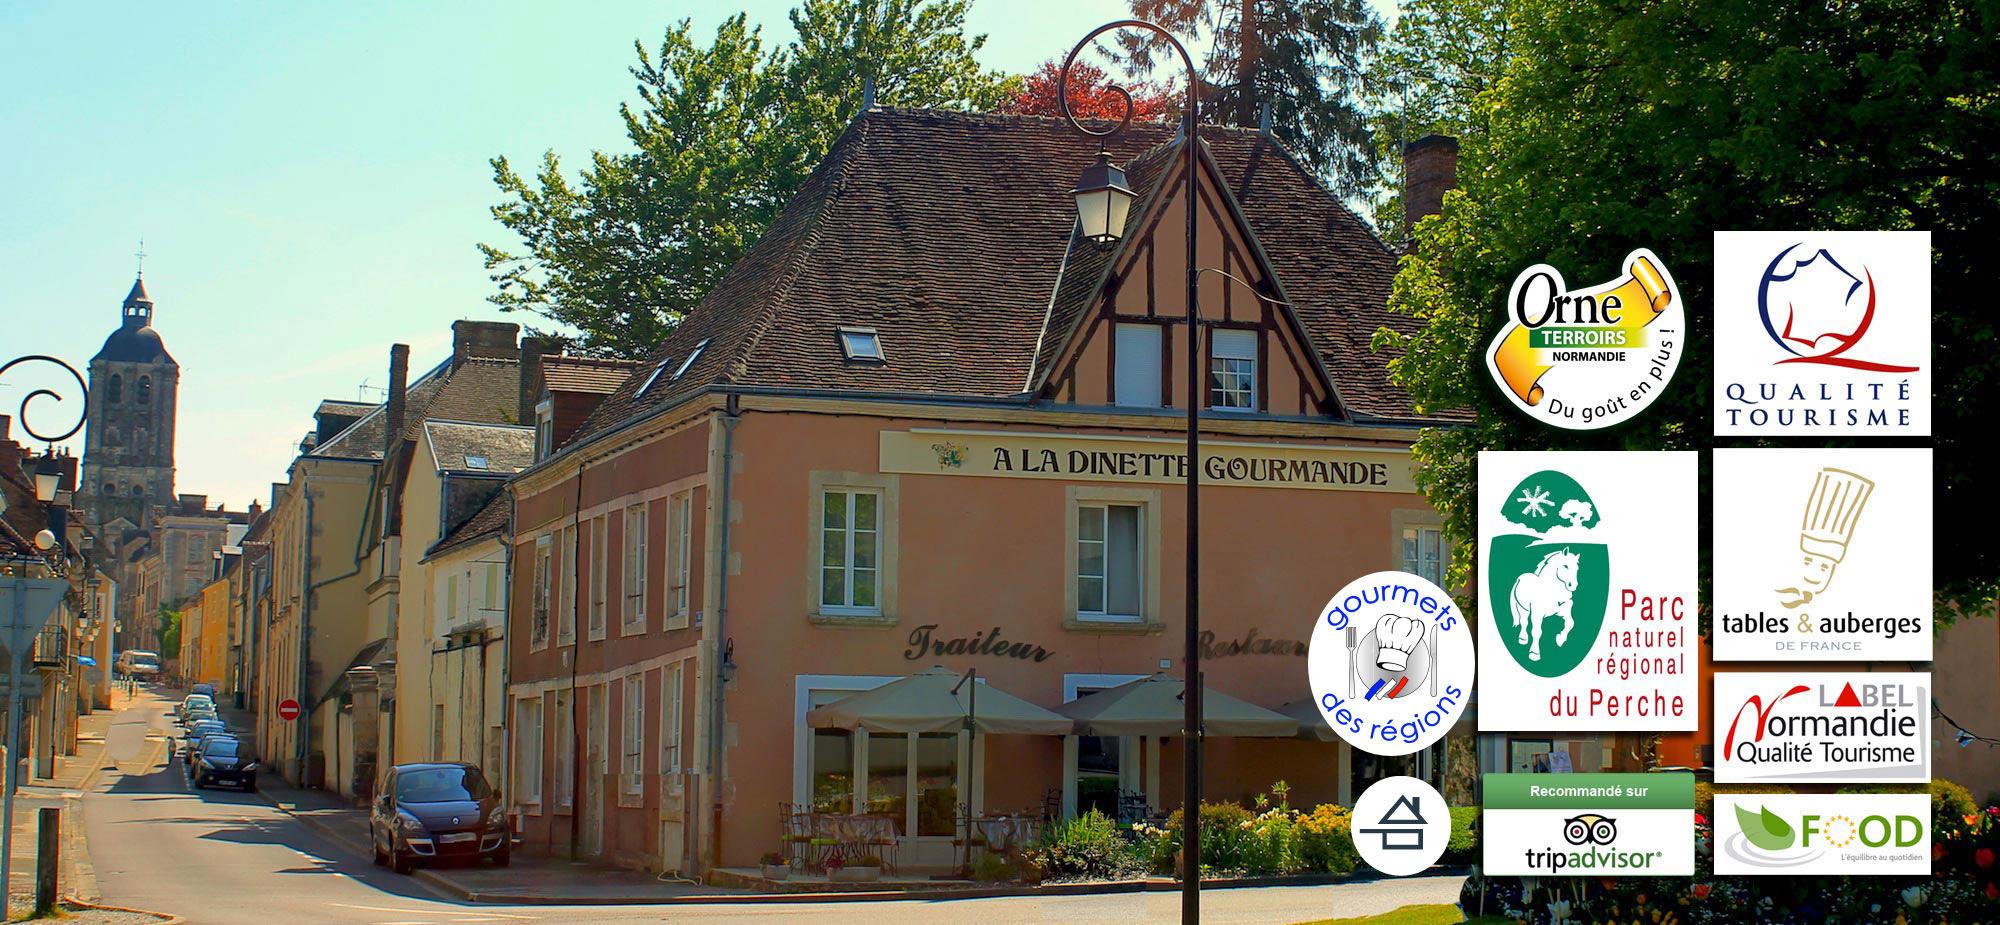 restaurant_la_dinette_gourmande_belleme